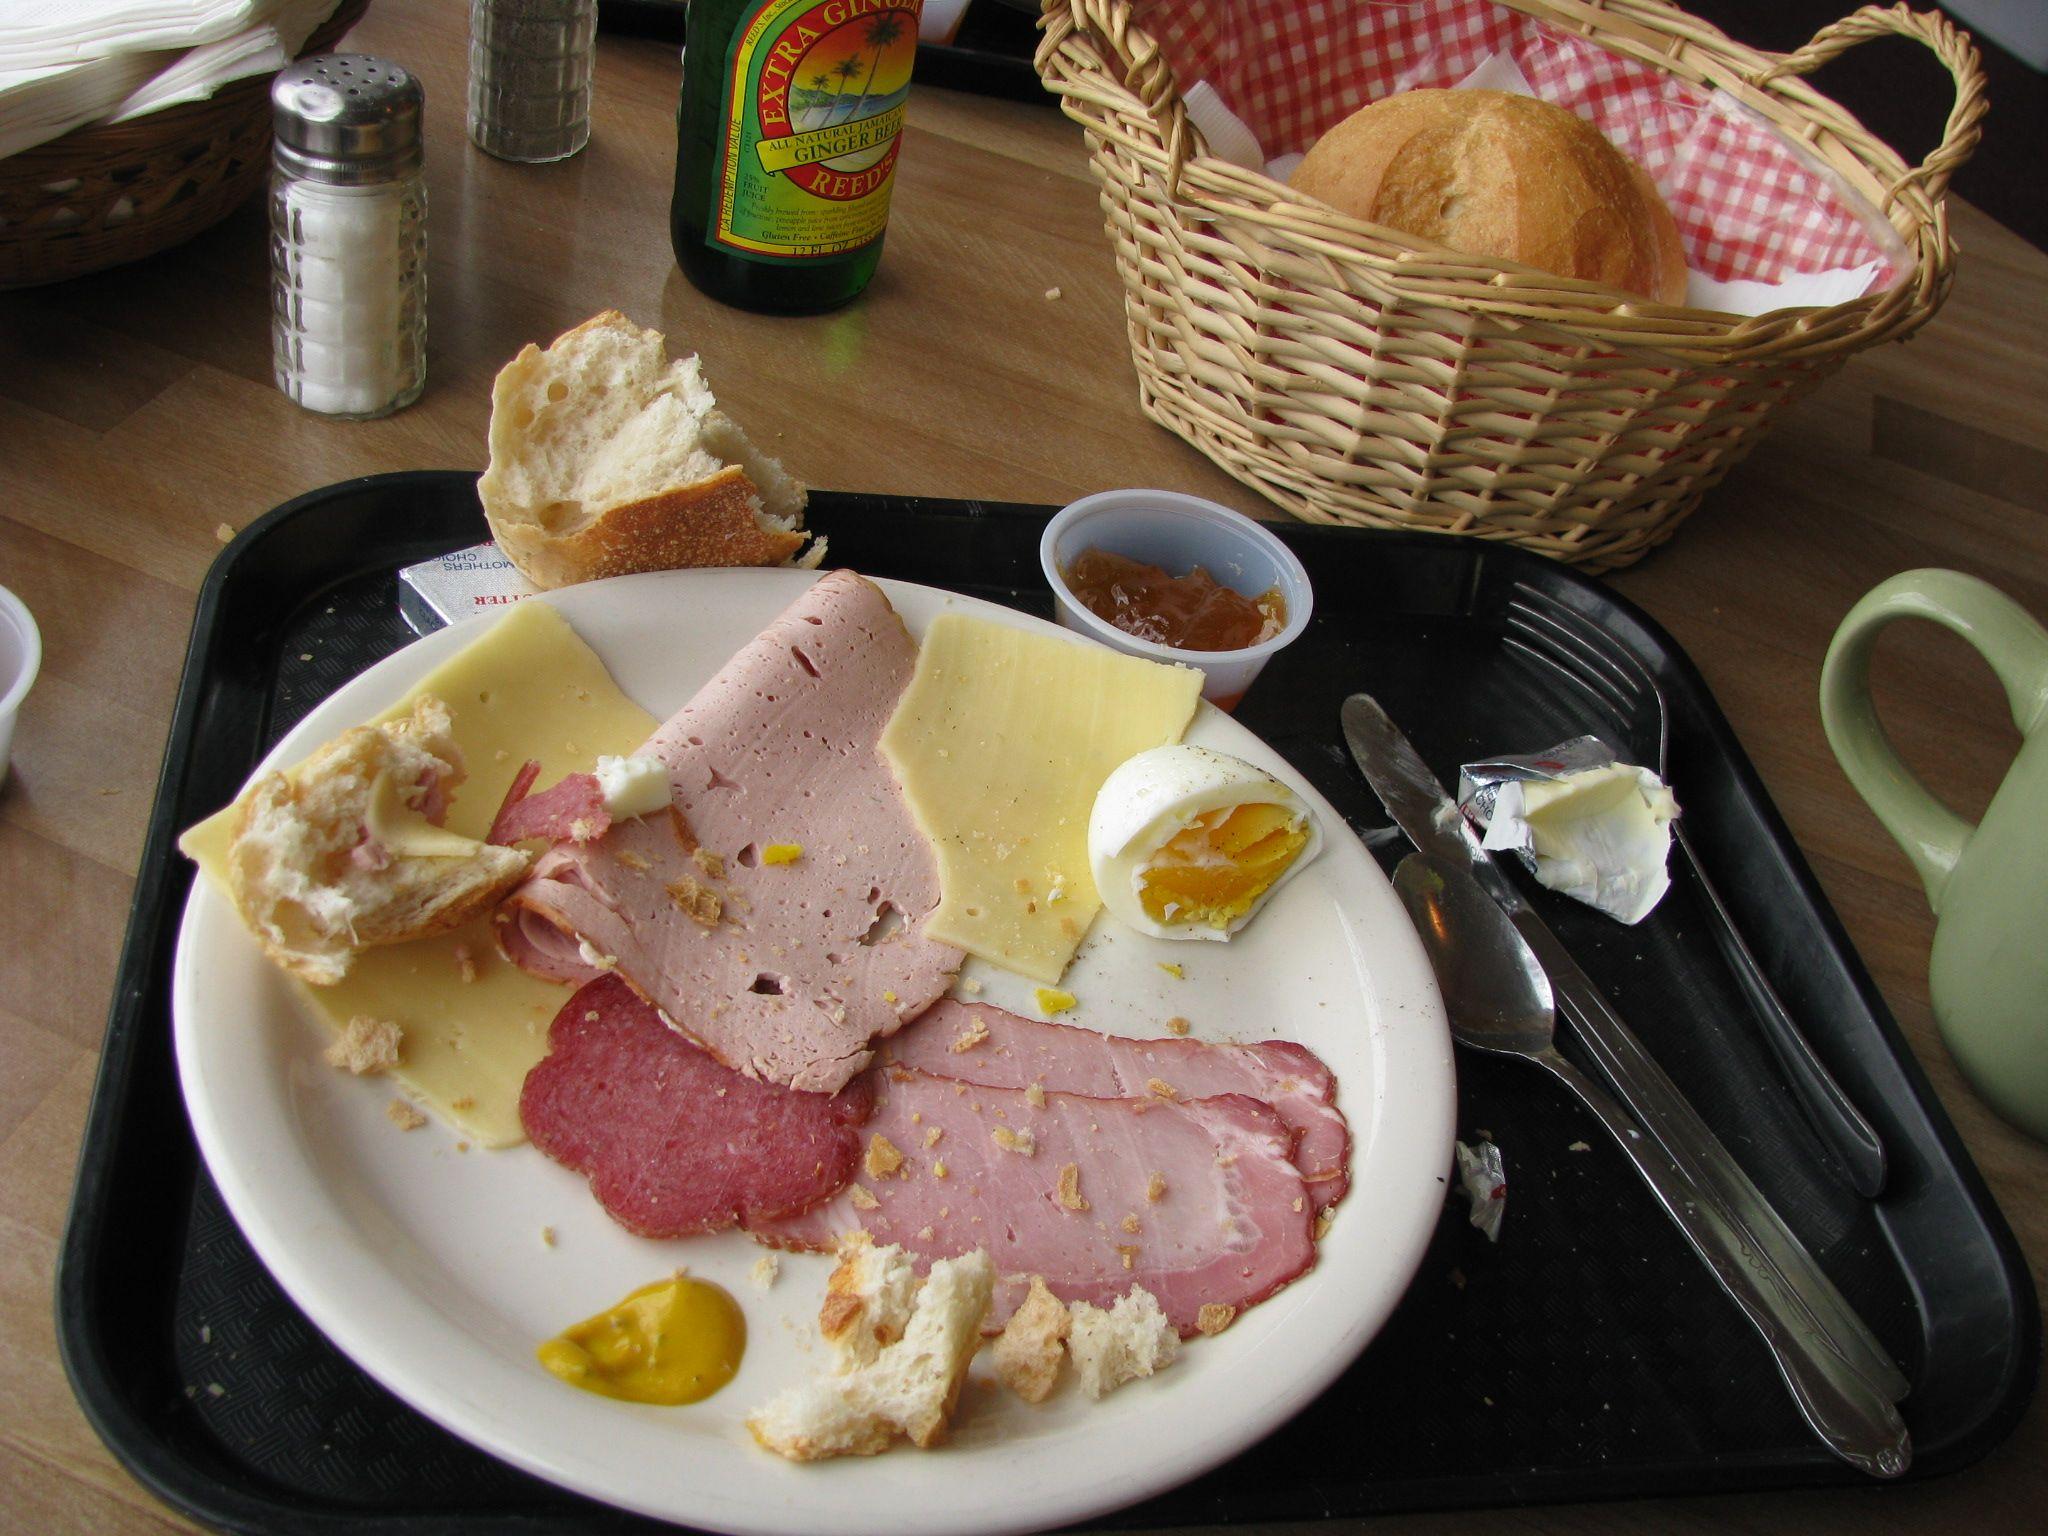 Good Morning In Austrian German : German breakfast brunch pinterest